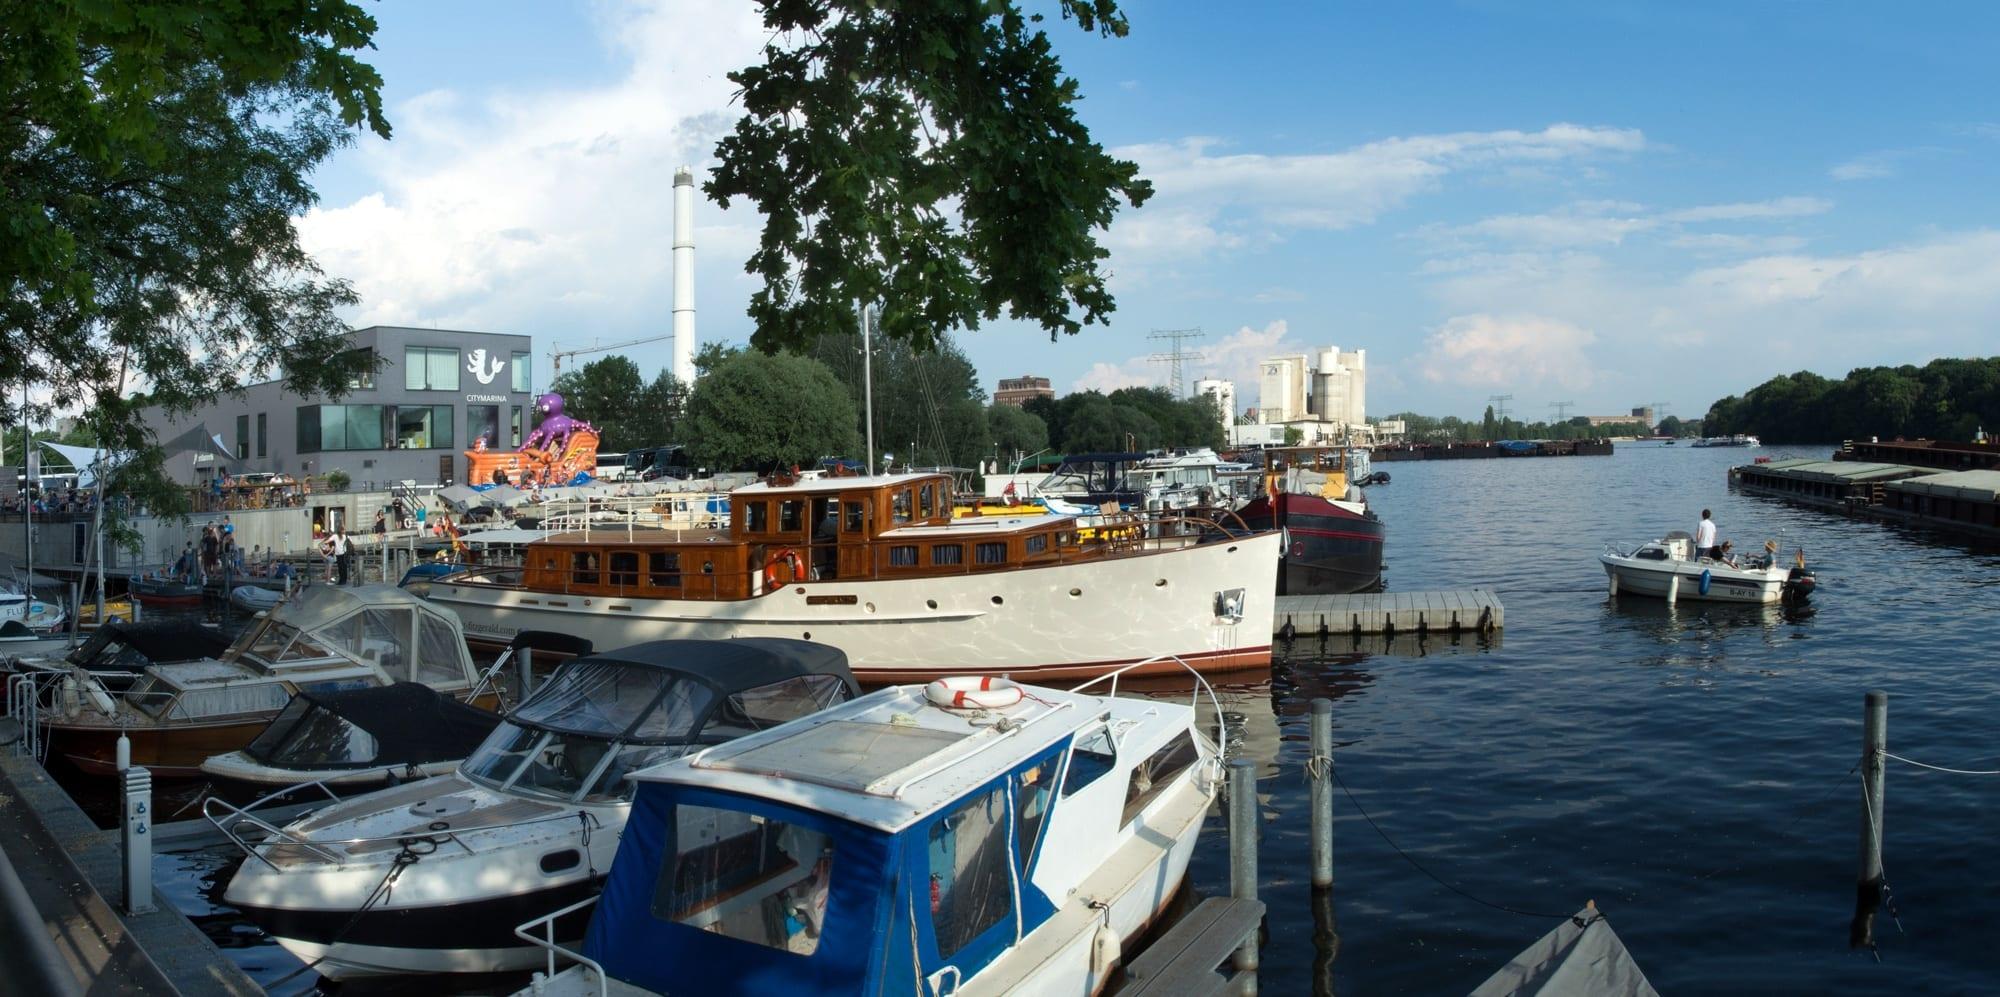 CityCitymarina - Rummelsburger Bucht